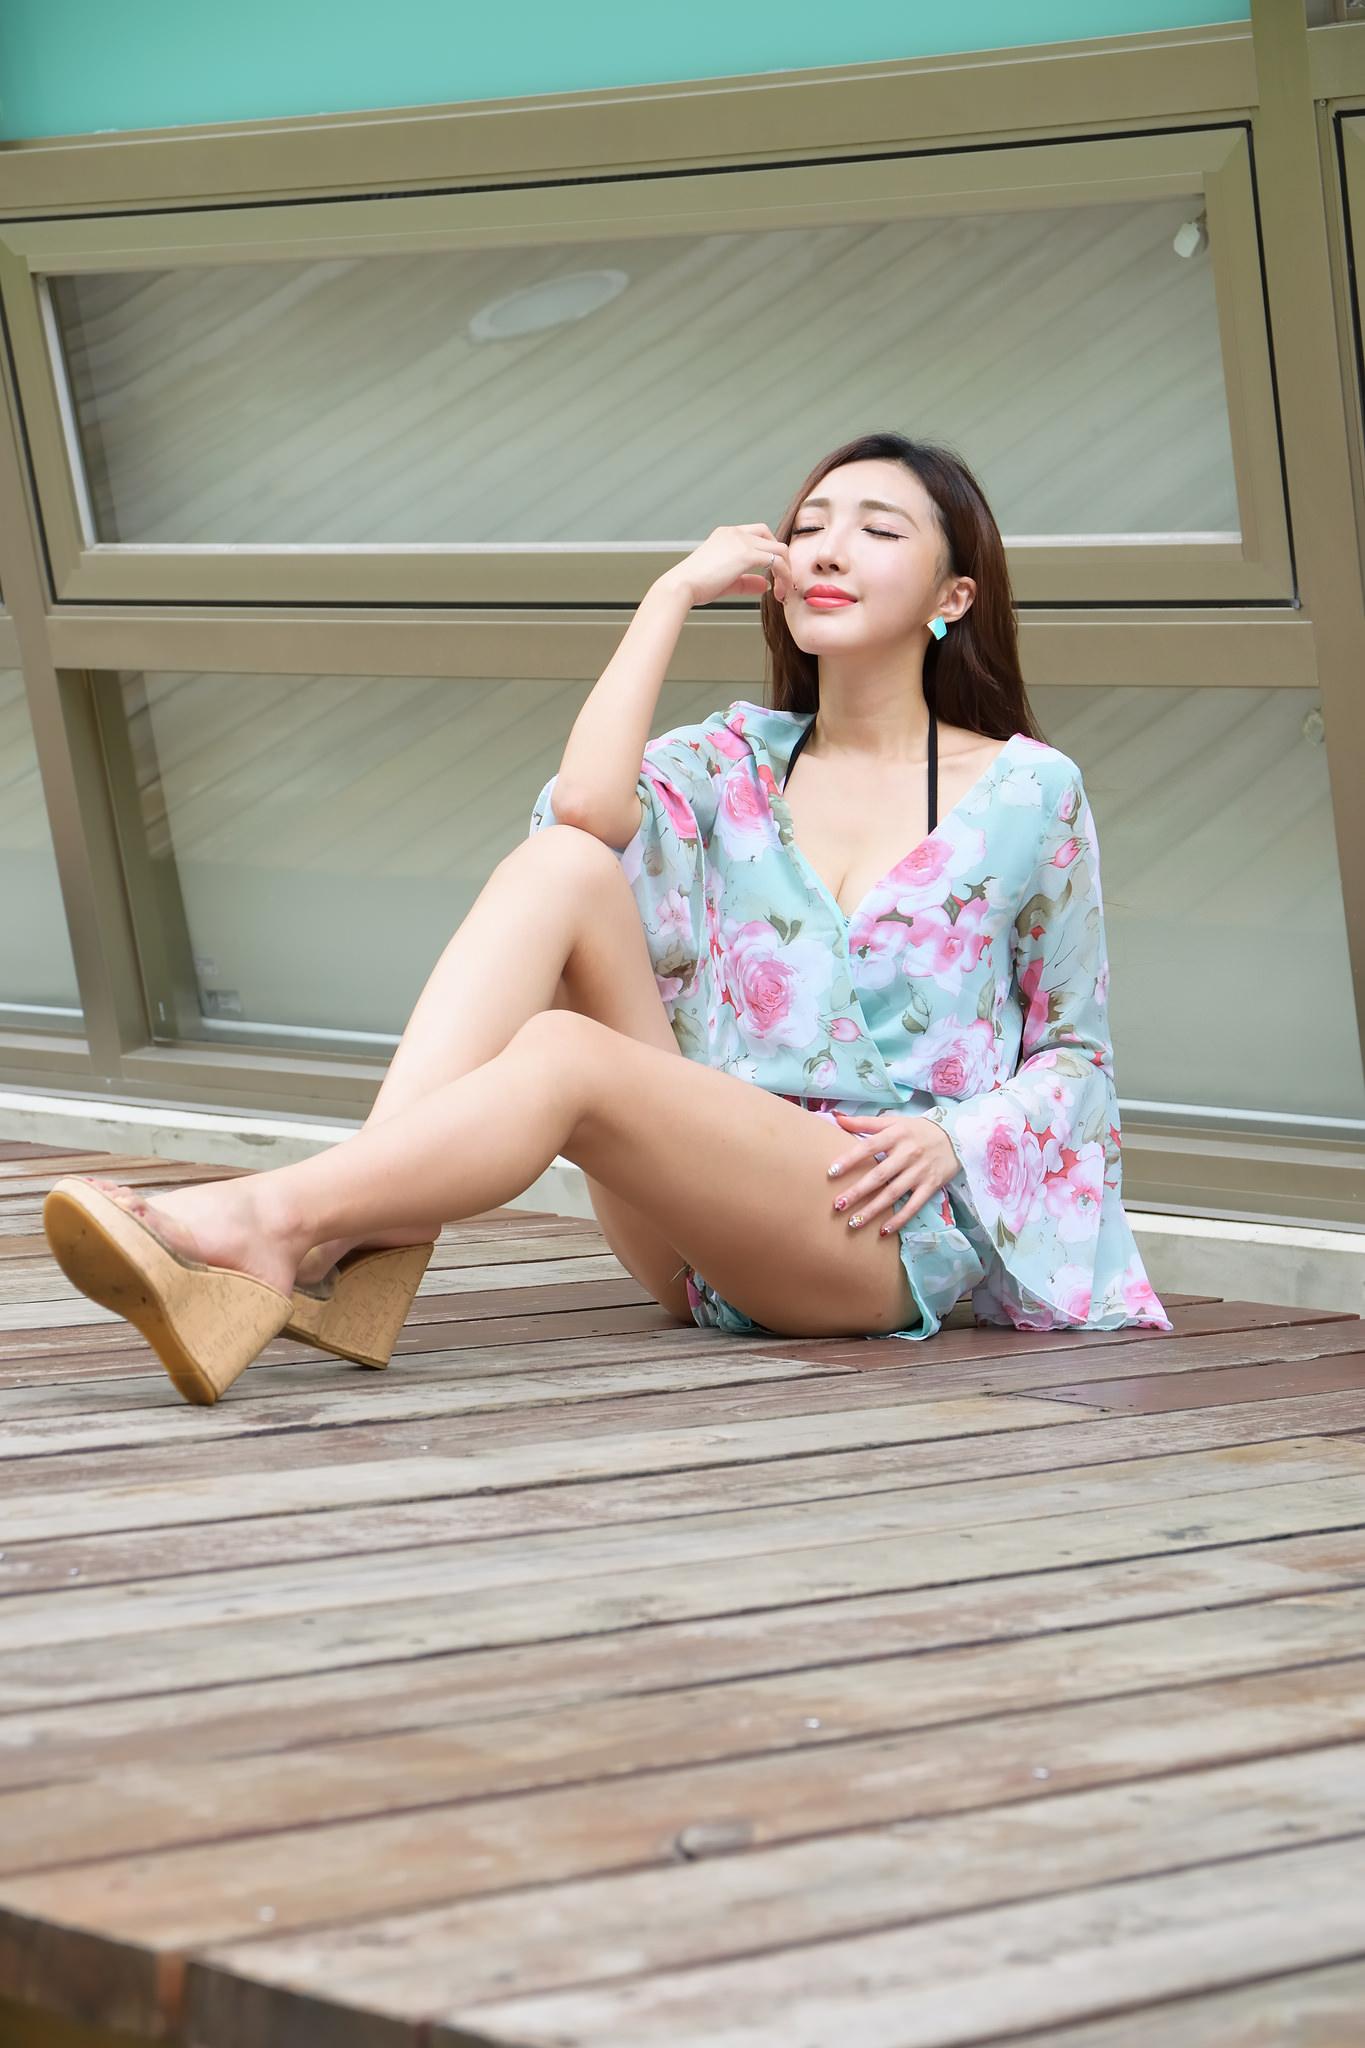 成熟女人- 赵芸1 - 花開有聲 - 花開有聲